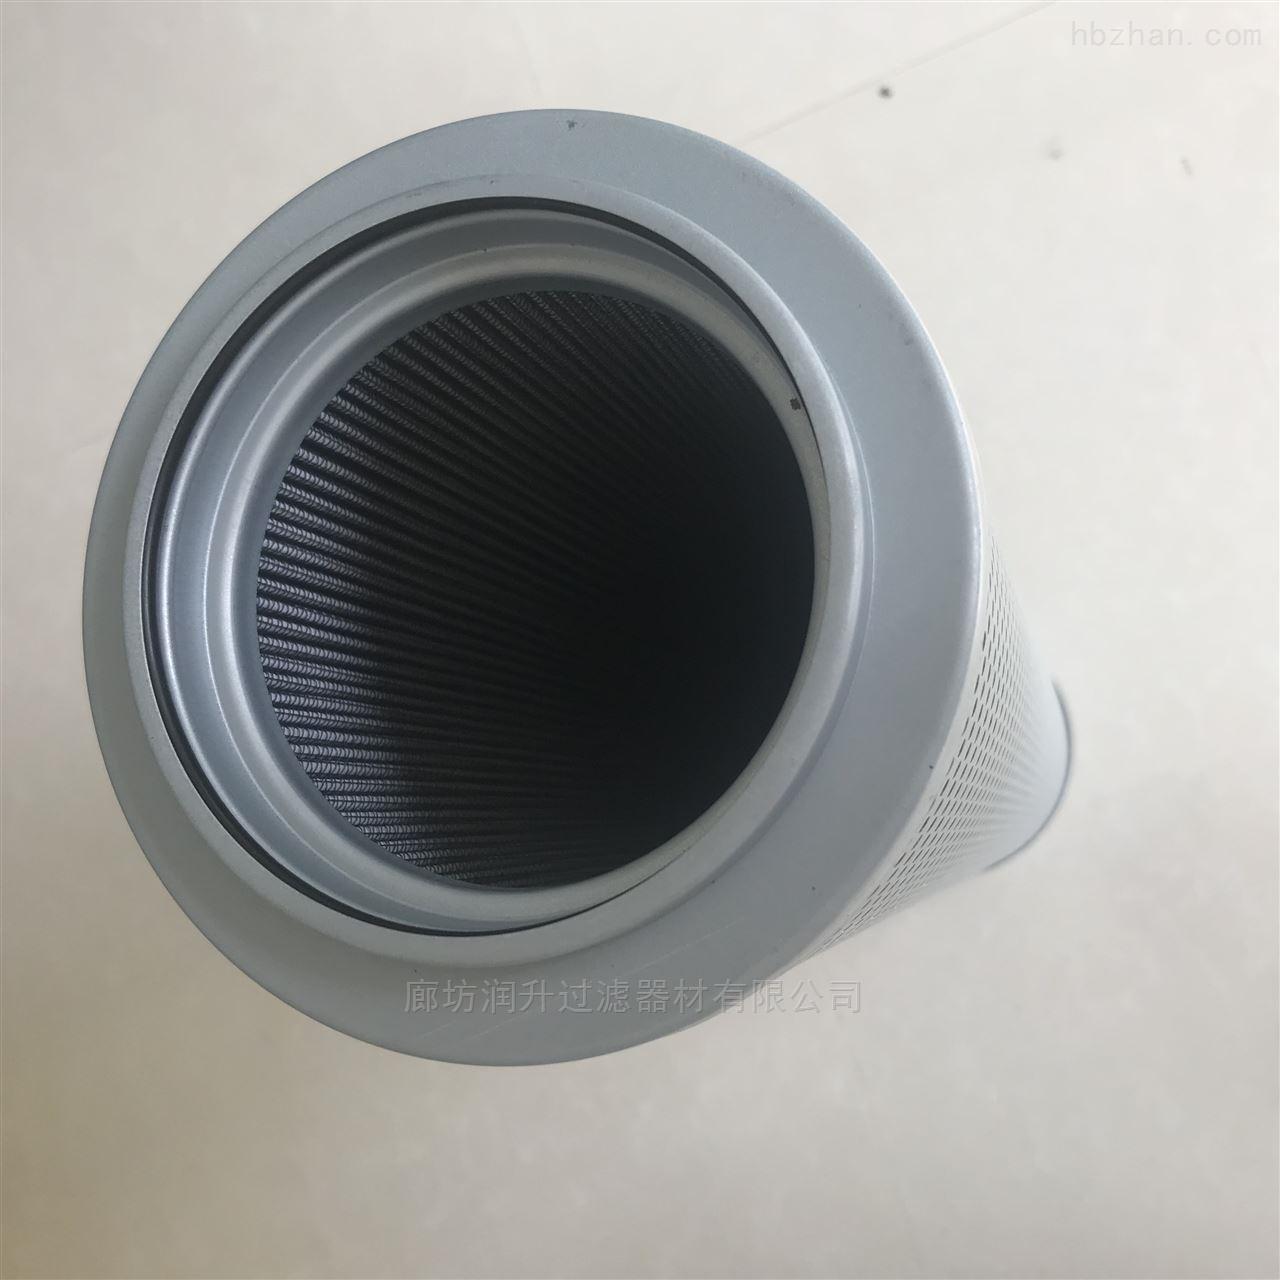 鹰潭DFM40PP005A01滤芯厂家价格